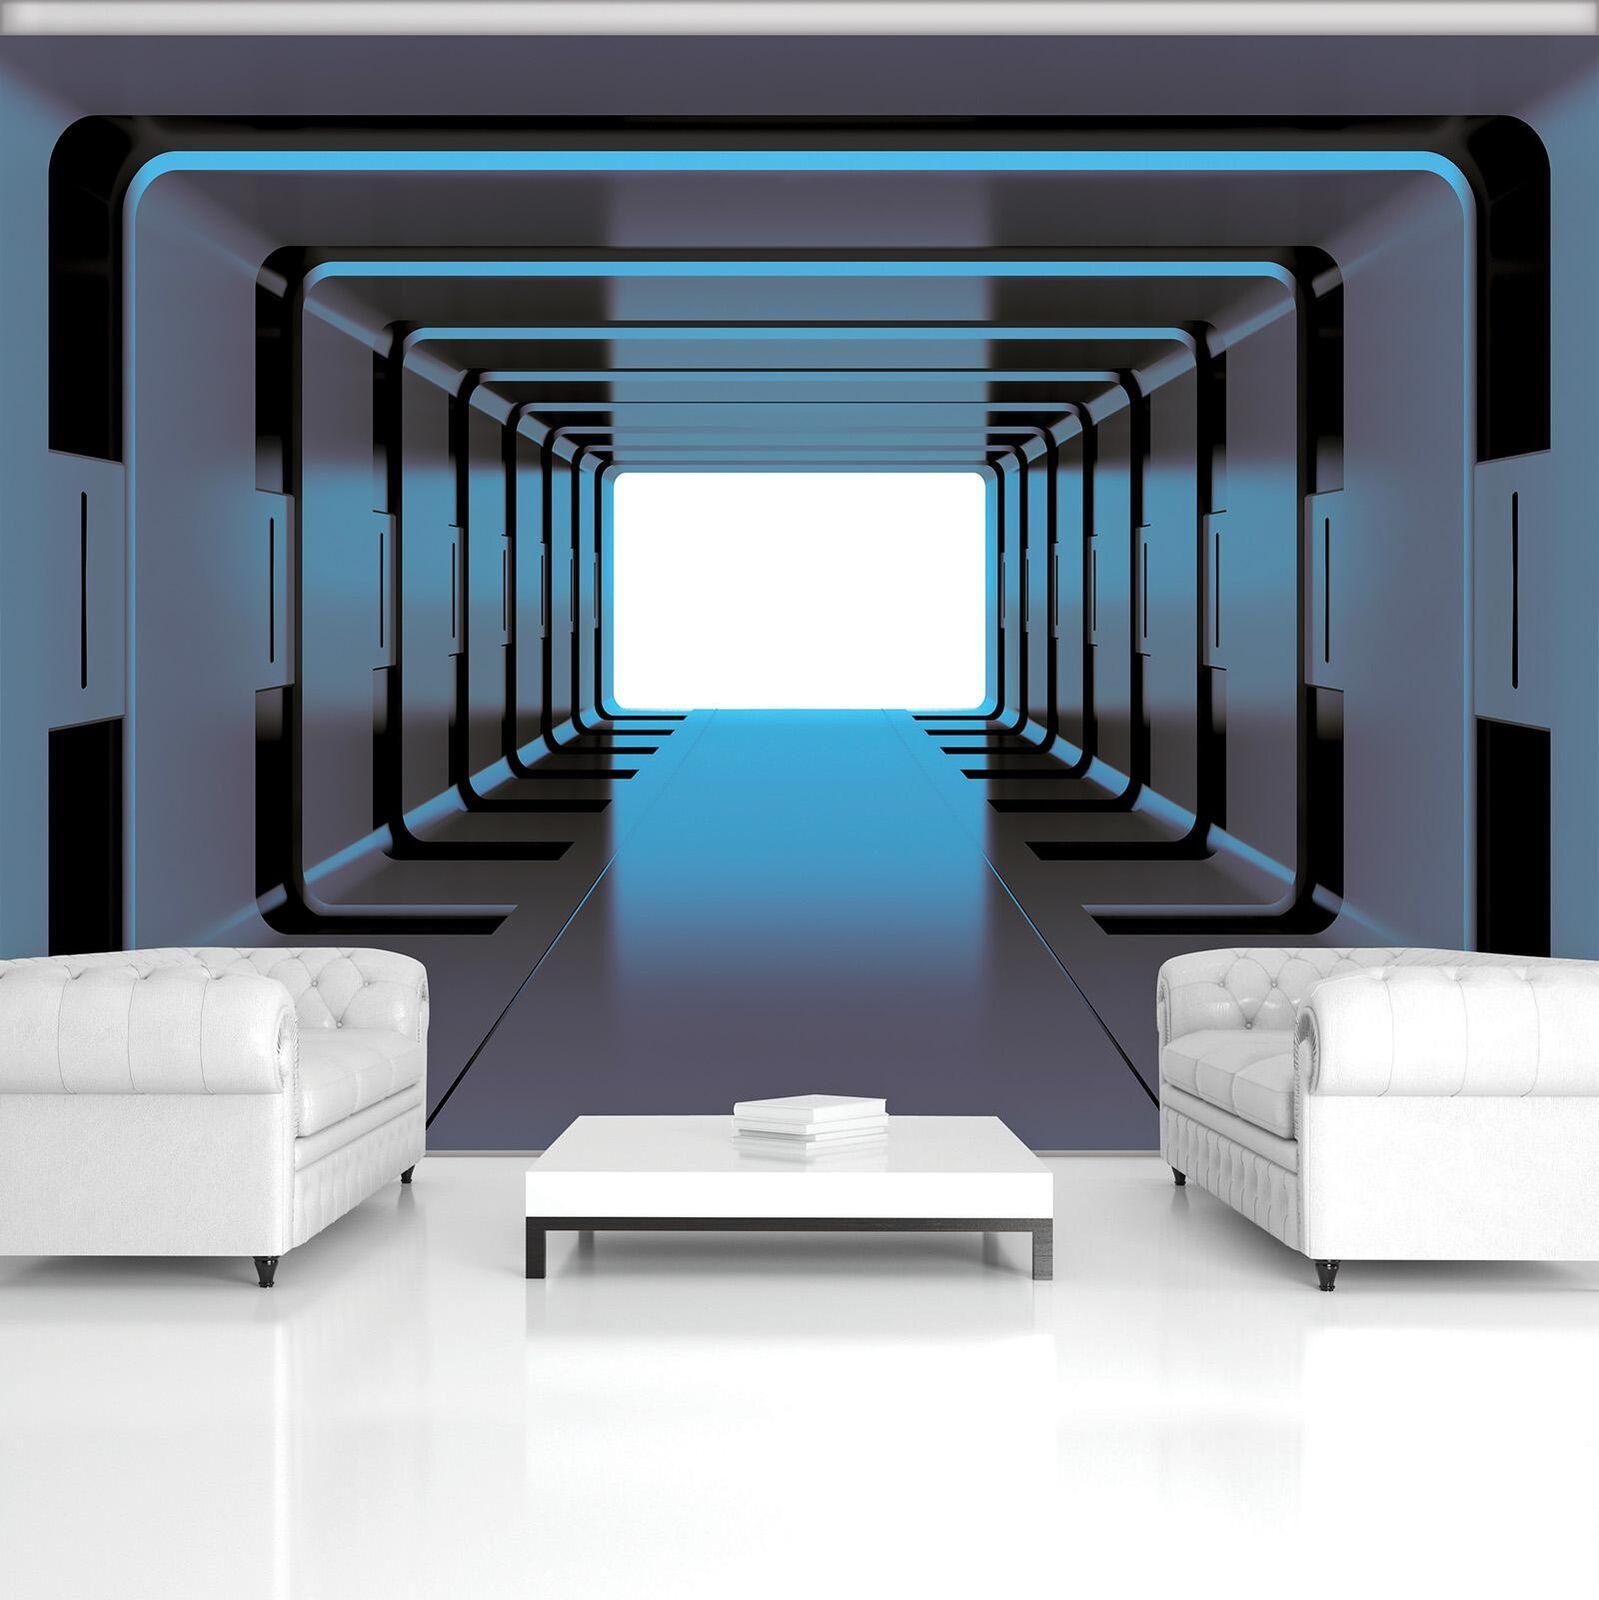 Vließ Fototapete Tapete Wandbild Photo Wallpaper Mural Blauer 3D Tunnel 20189